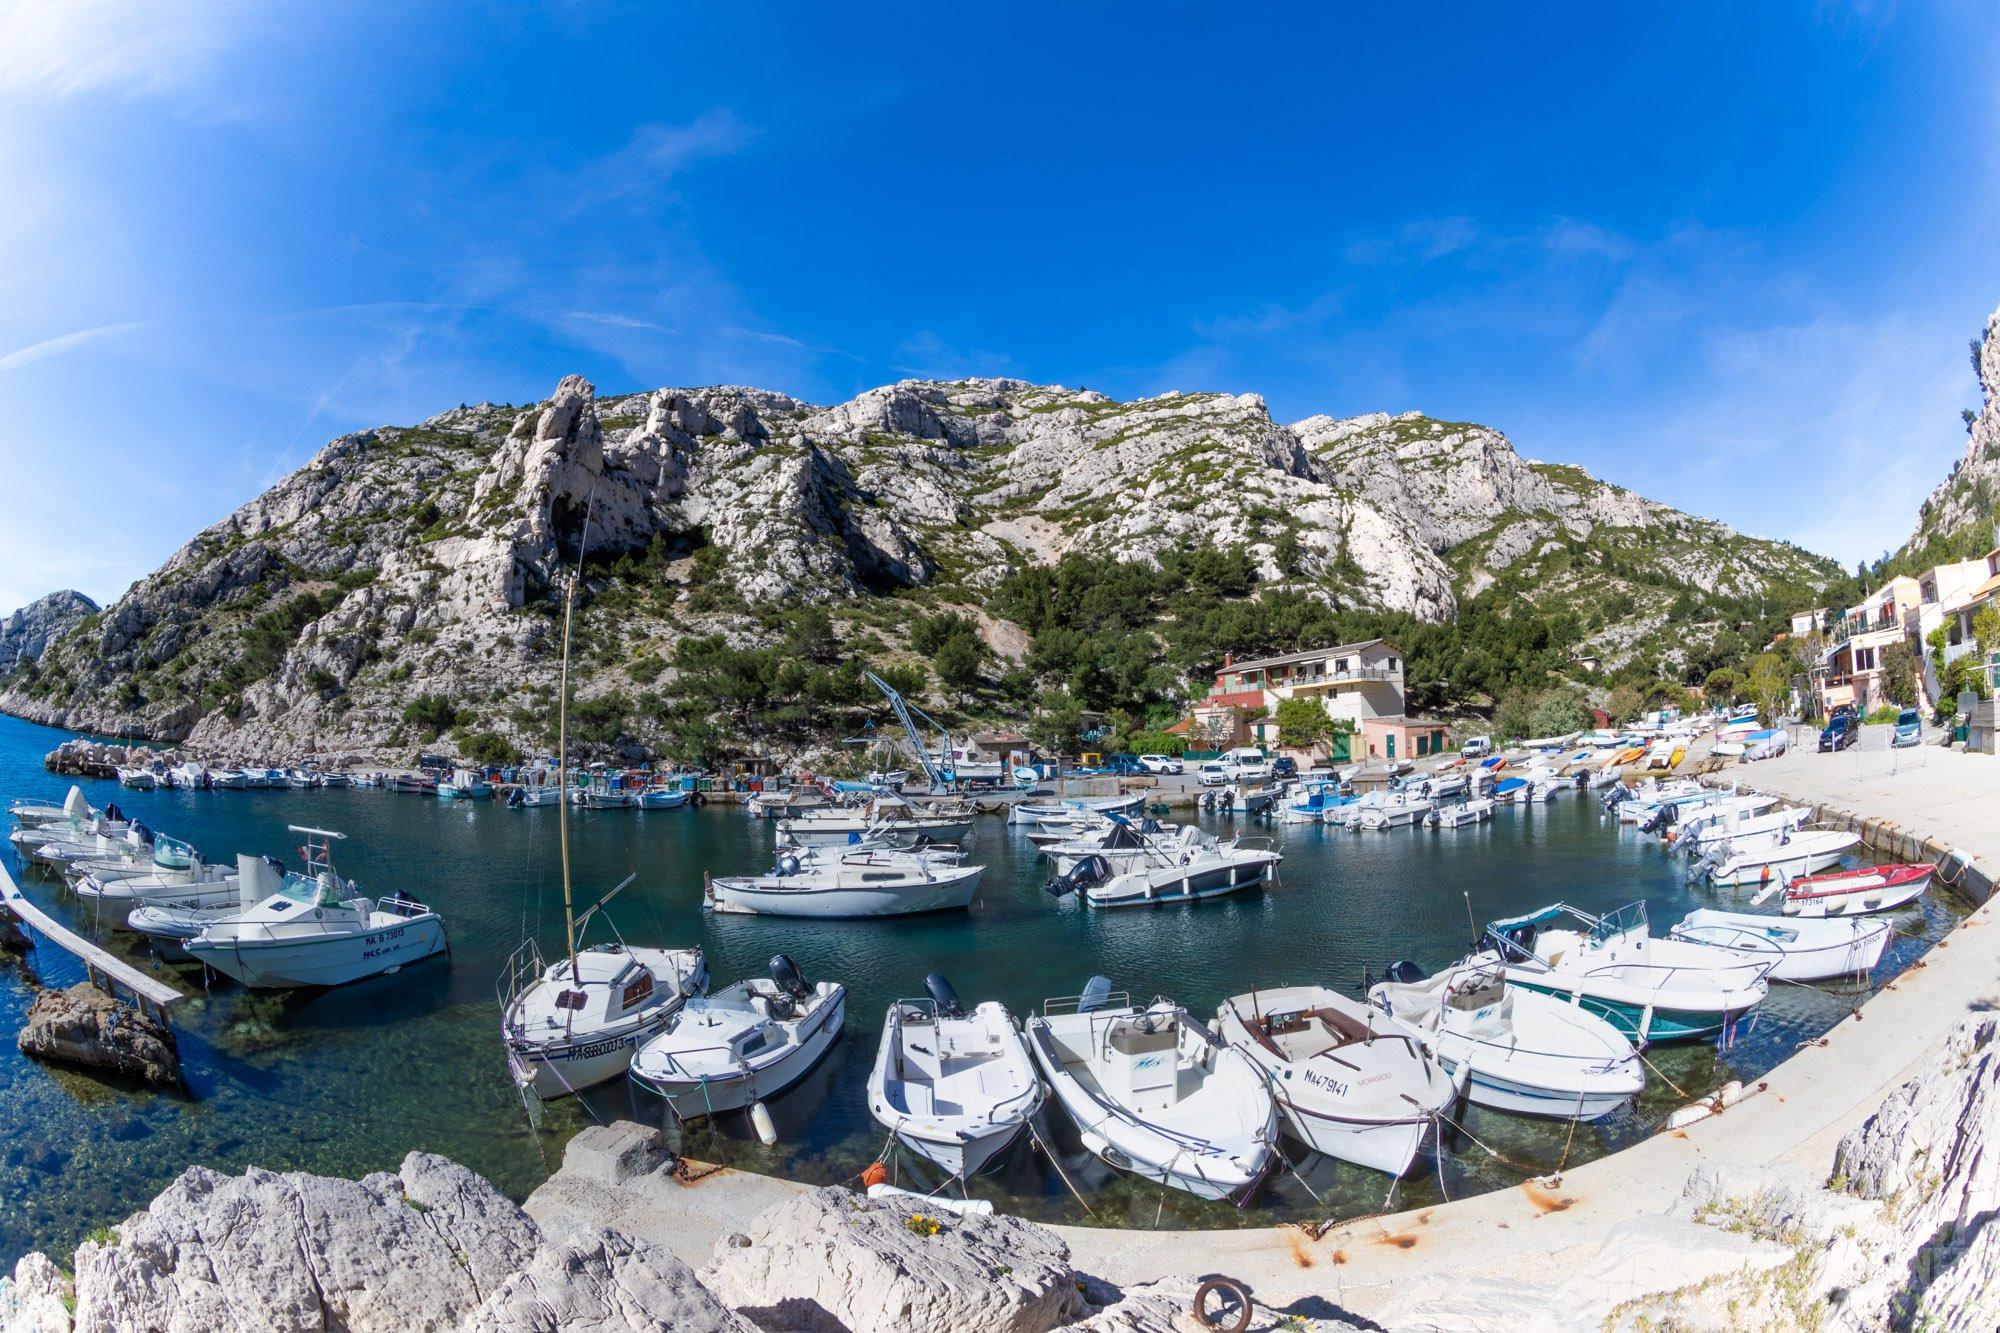 Morgiou Calanque harbor, Azure coast France